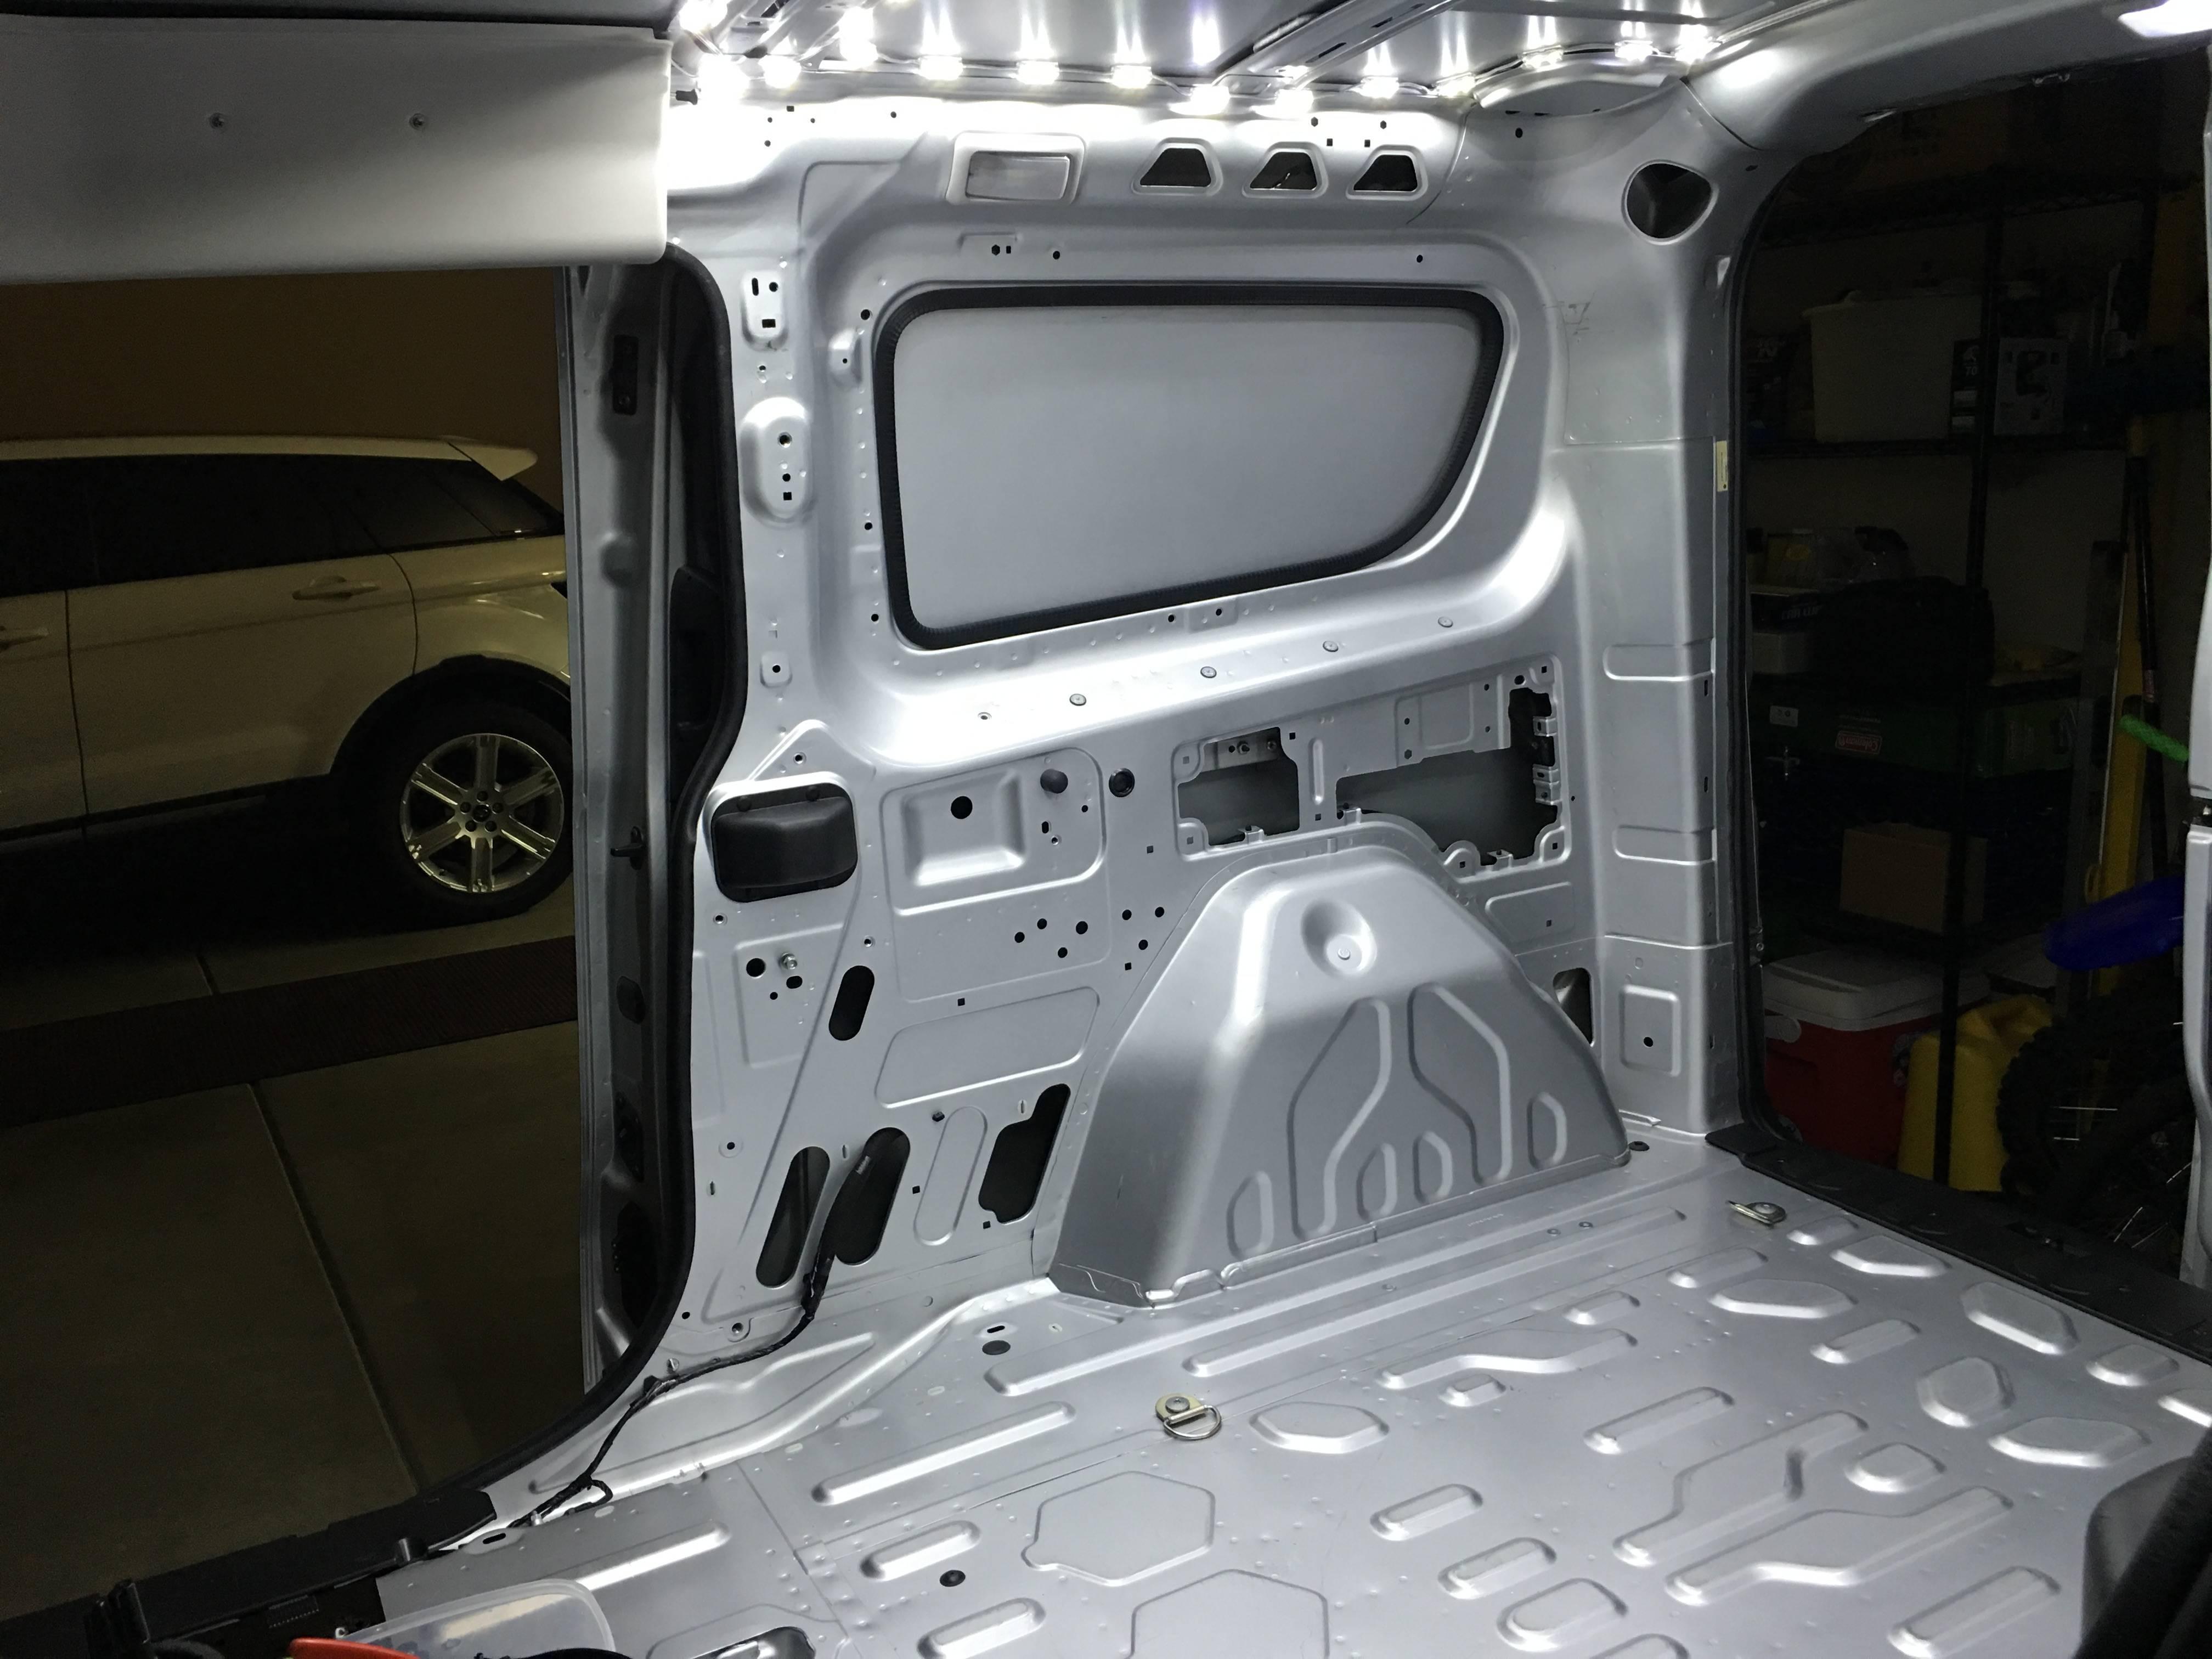 LED backup cargo lights